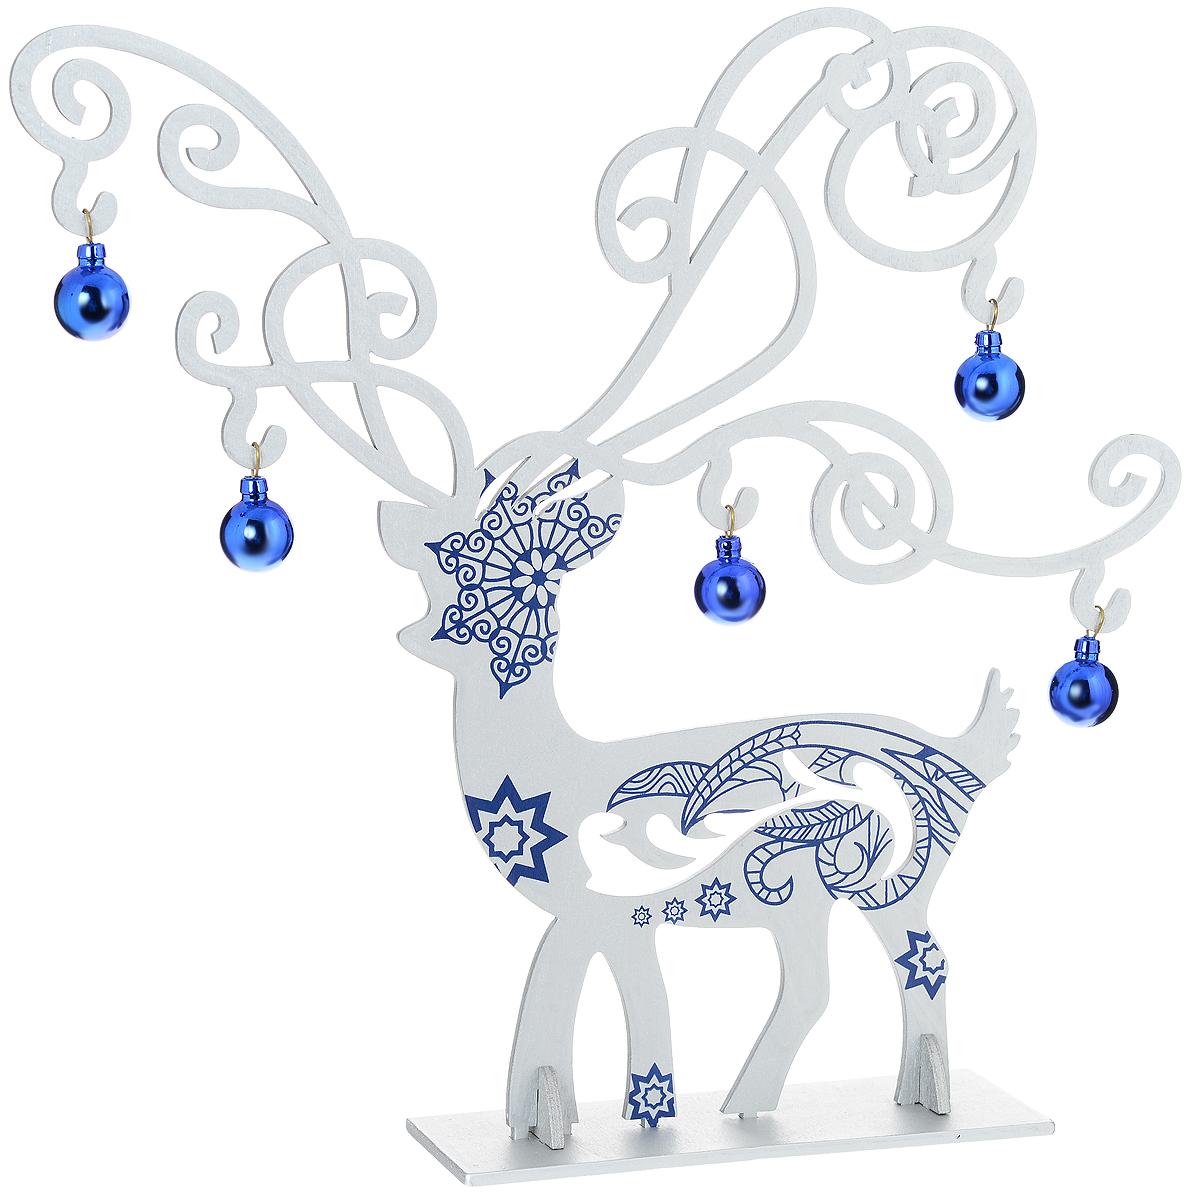 Украшение новогоднее Серебряный олень. 3527935279Оригинальное сборное новогоднее украшение Серебряный олень выполнено из древесины тополя в виде серебристого оленя, декорированного синими узорами. Олень помещается на одну основную и две вспомогательные подставки. Синие шары можно повесить на его красивые ветвистые рога. Это украшение может занять достойное место в вашем доме в праздничные дни. Новогодние украшения приносят в дом волшебство и ощущение праздника. Создайте в своем доме атмосферу веселья и радости, украшая всей семьей новогоднюю елку нарядными игрушками, которые будут из года в год накапливать теплоту воспоминаний. Коллекция декоративных украшений из серии Magic Time принесет в ваш дом ни с чем несравнимое ощущение волшебства! Комплектация: - украшение Серебряный олень (1 шт.), - синие шары (5 шт.), - основная подставка (1 шт.), - вспомогательные подставки (2 шт.). Размер оленя: 28 см х 30 см х 0,5 см. Размер подставки: 13,5 см х 6 см х 0,5 см. ...